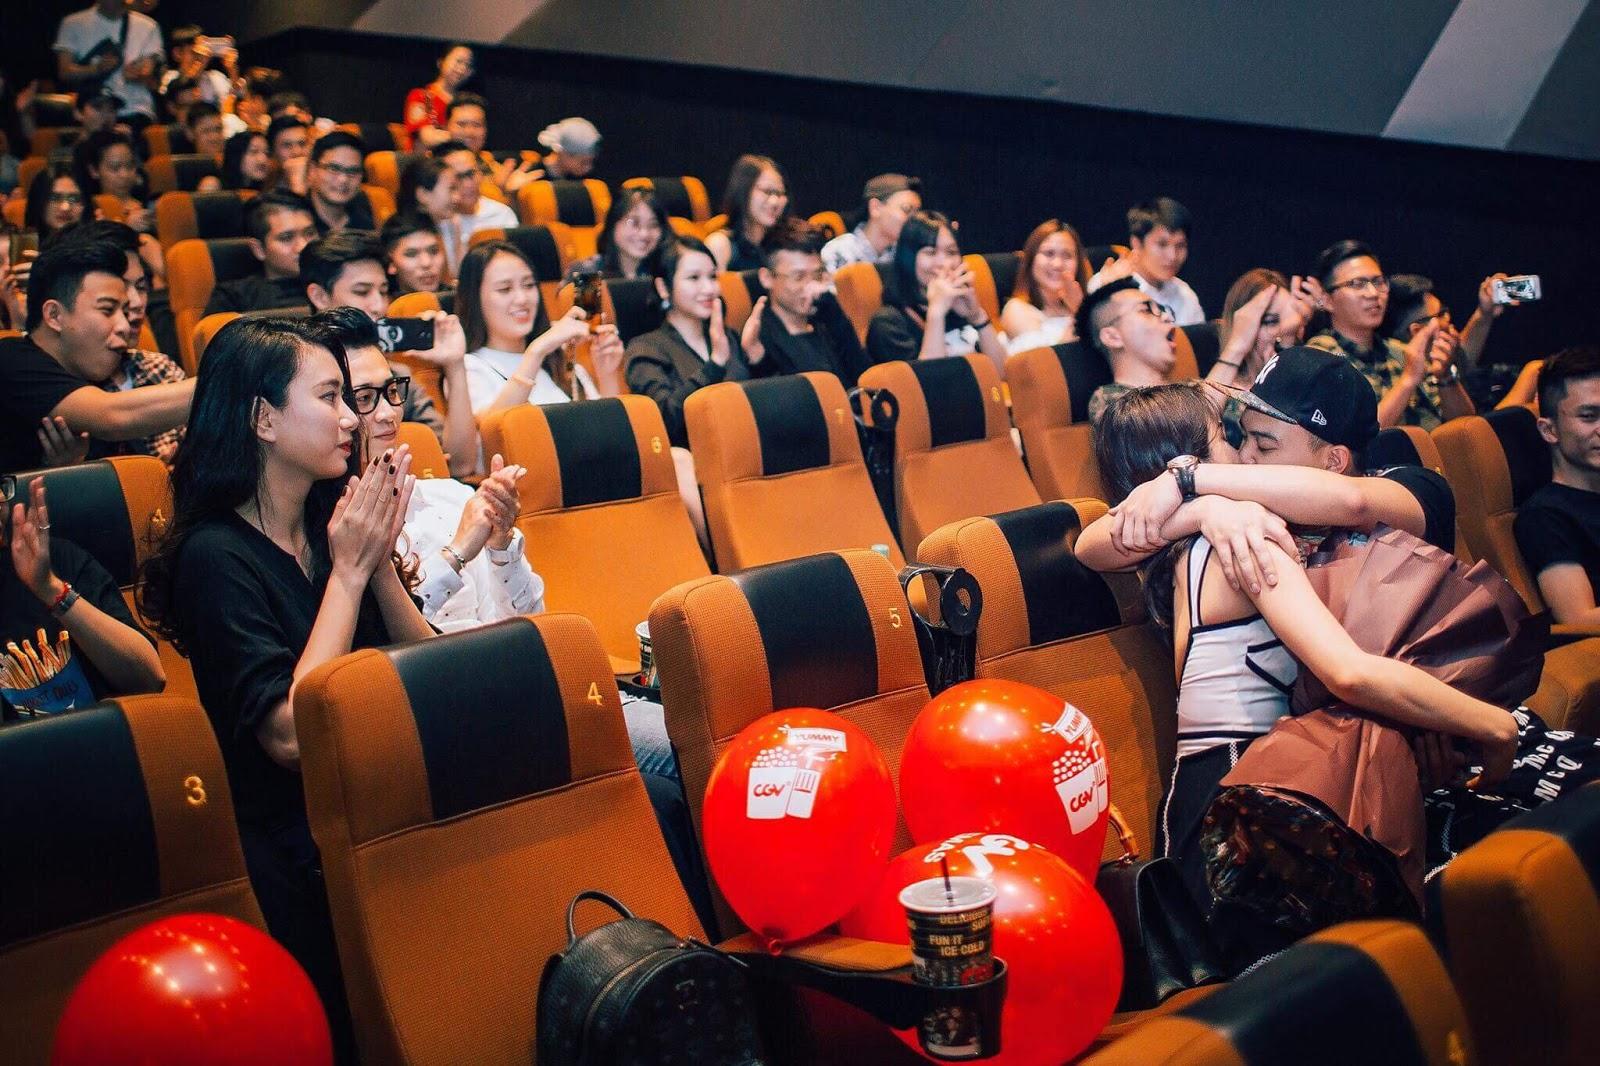 Diệp Lâm Anh: Hành trình tìm chỗ đứng trong showbiz và cái kết viên mãn với chồng thiếu gia -14